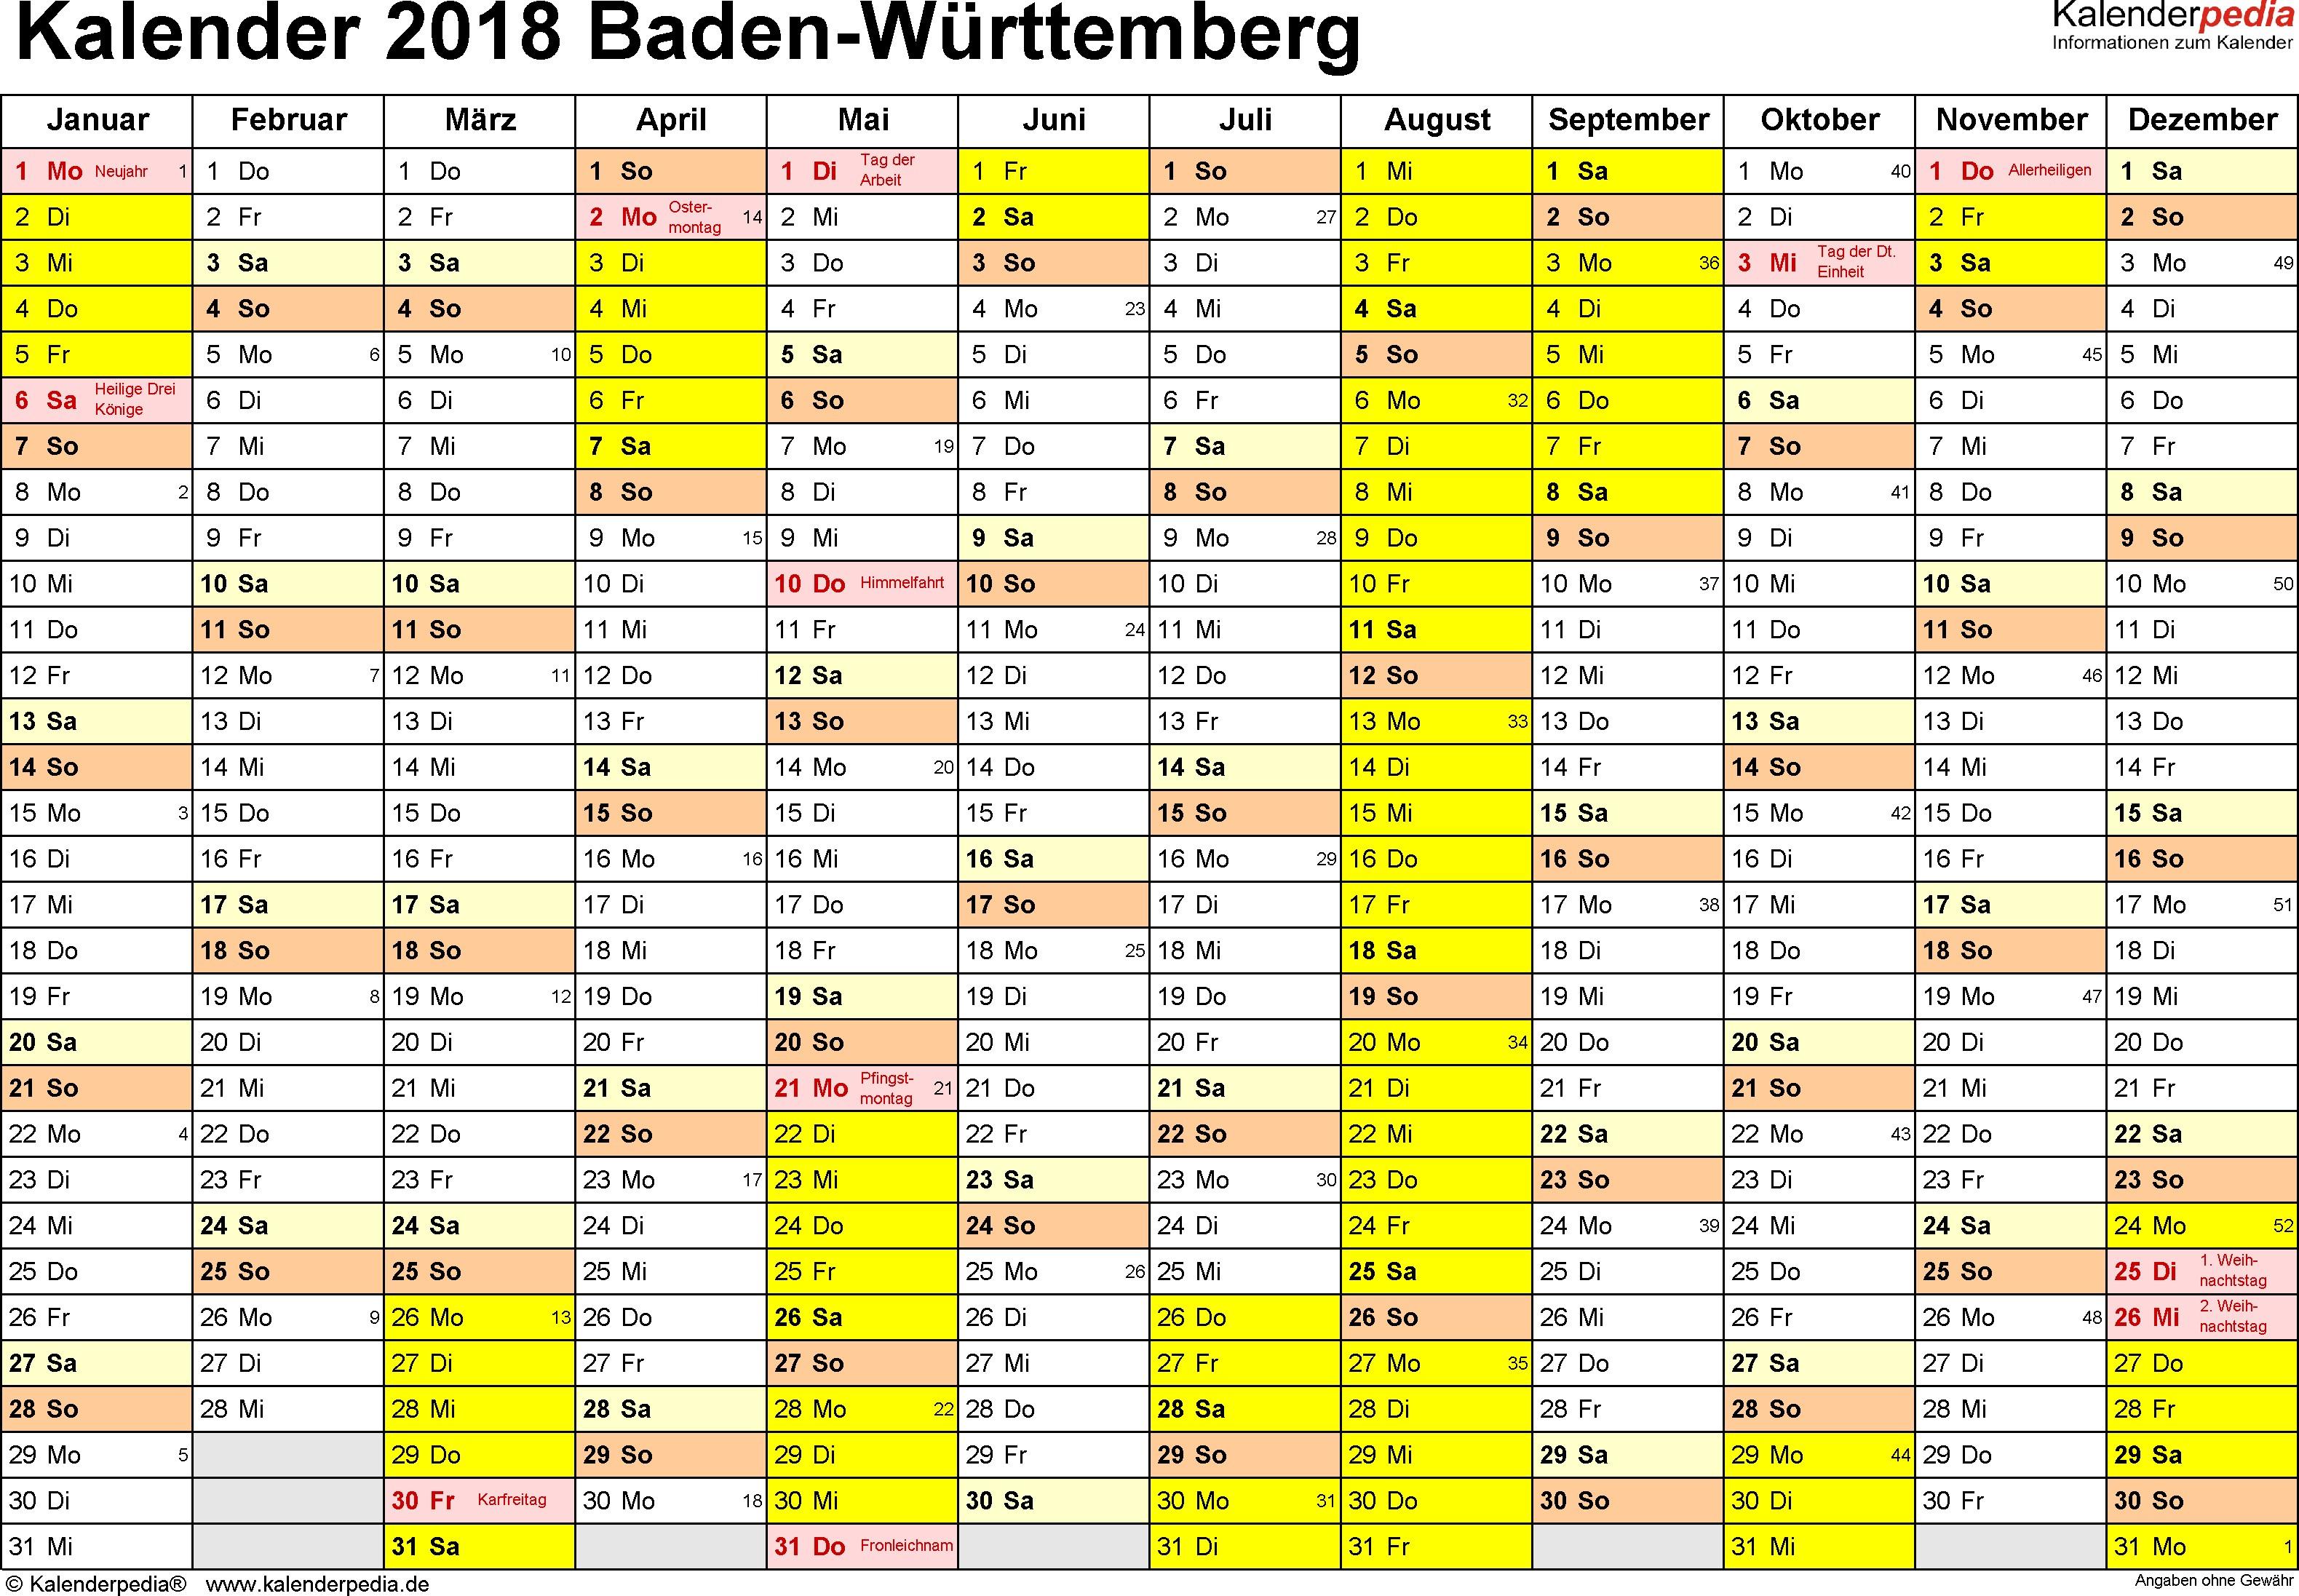 Vorlage 1 Kalender 2018 für Baden Württemberg als Word Vorlagen Querformat